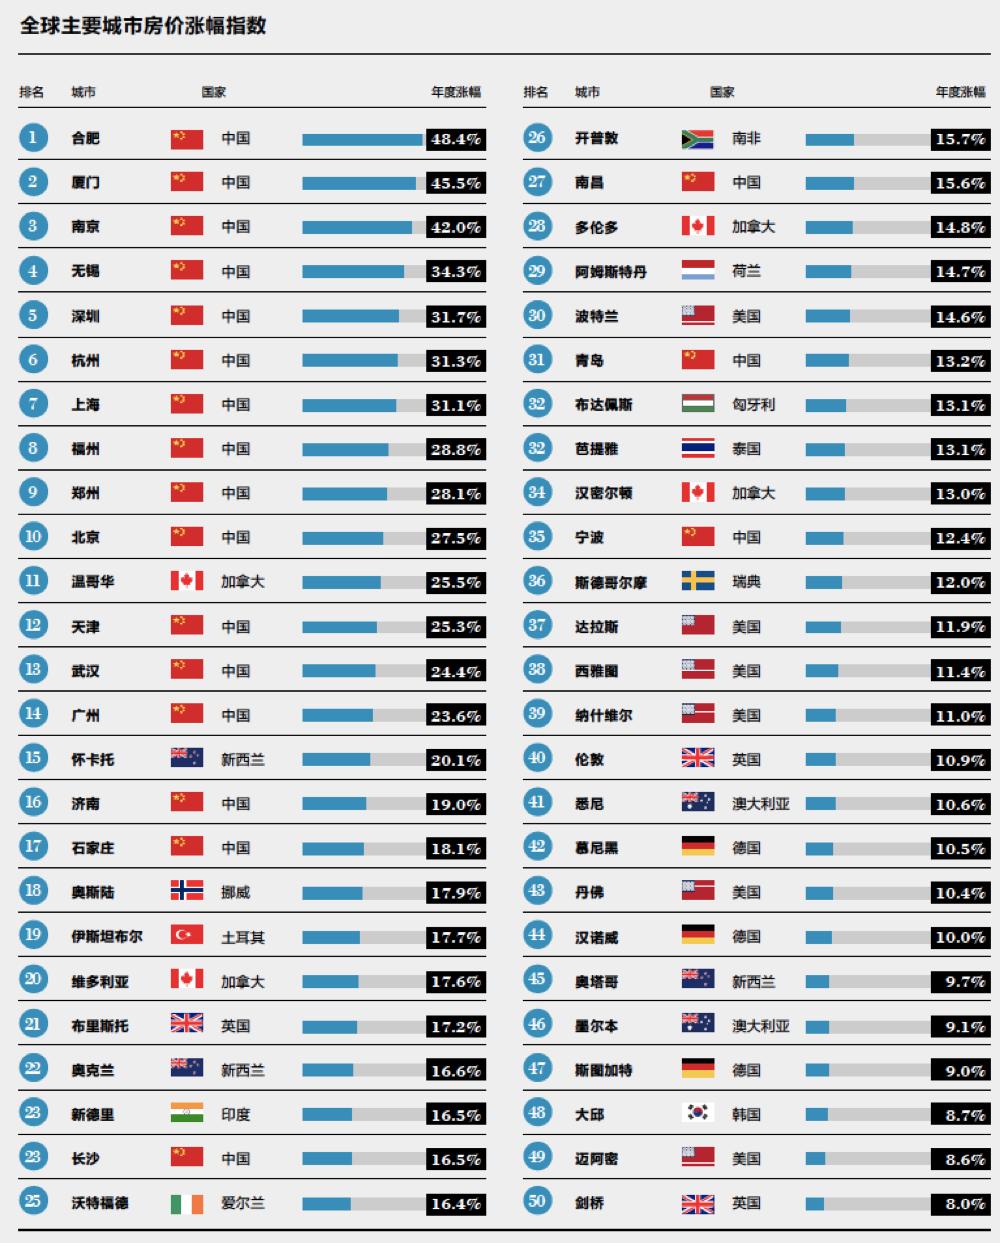 全球主要城市房价涨幅排名